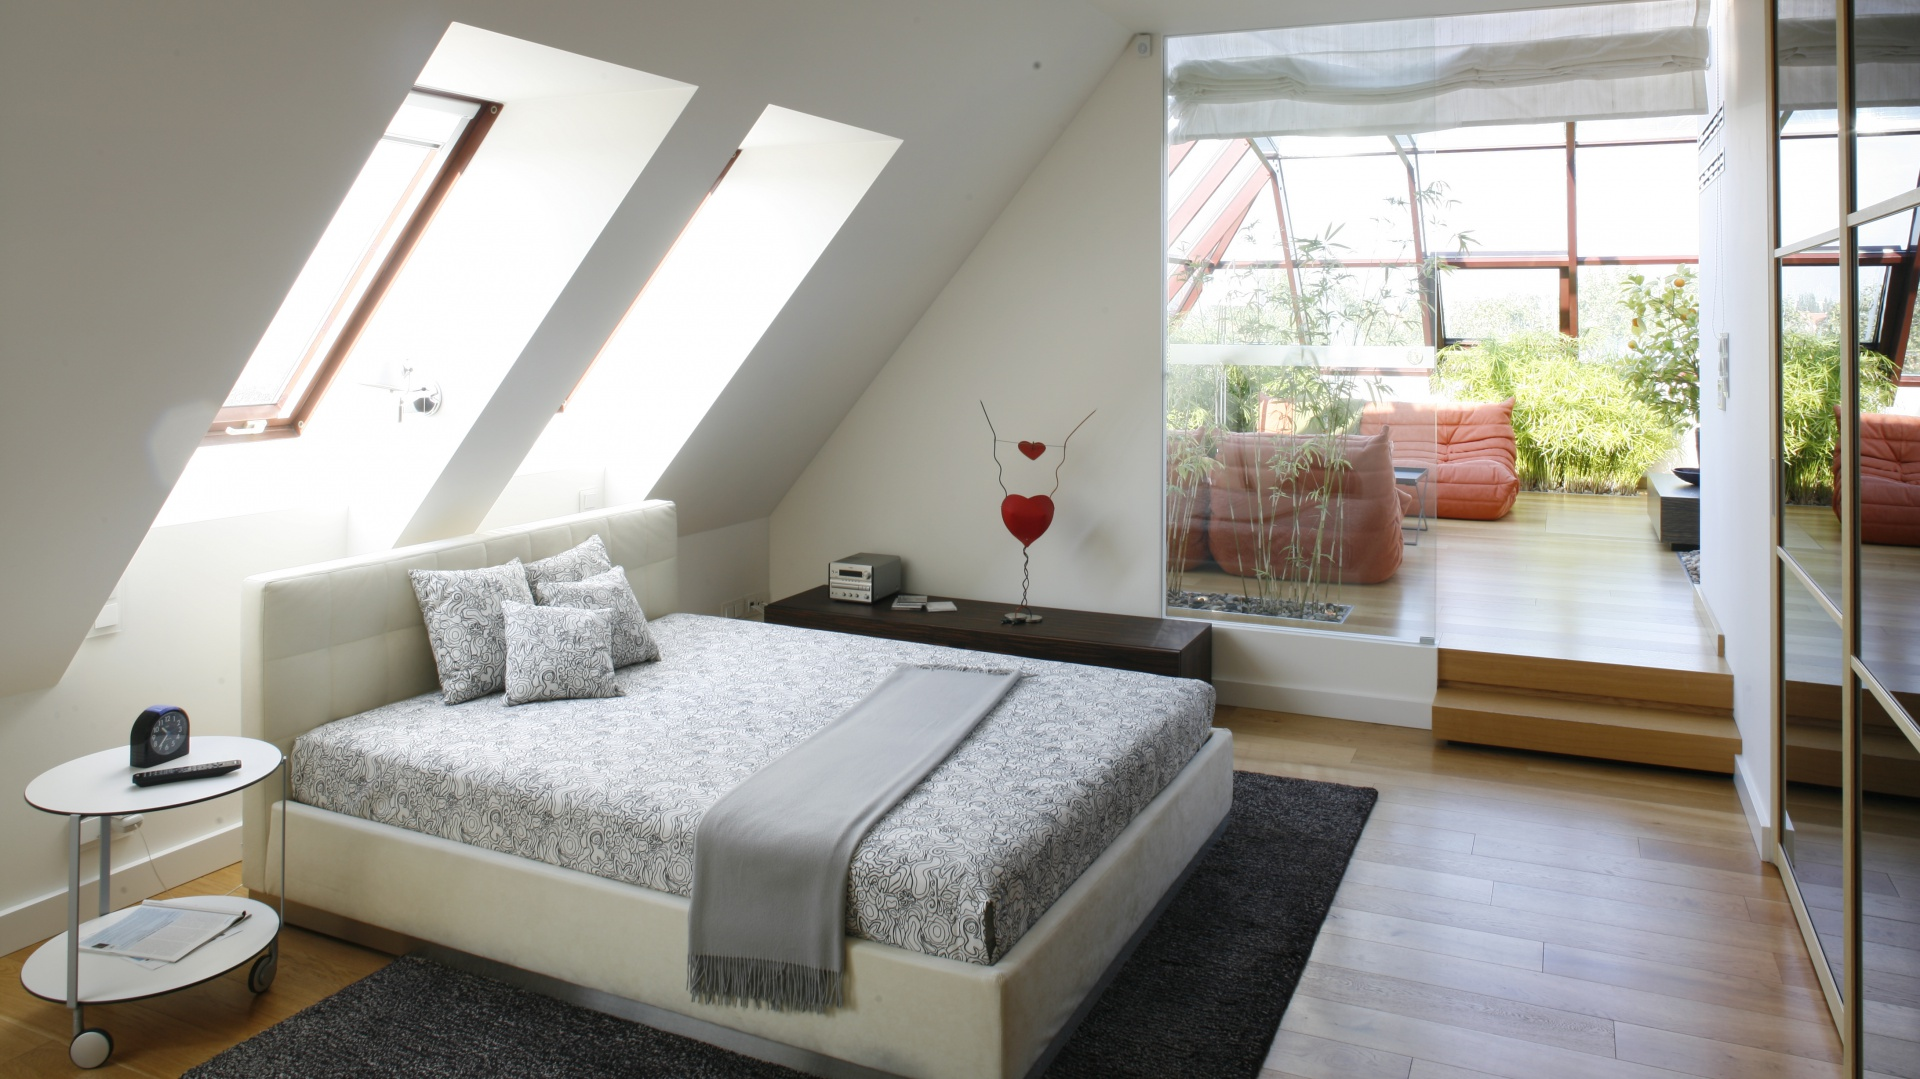 Sypialnia jest jasna i...  Sypialnia na poddaszu. Tak możesz ją urządzić  Strona: 3